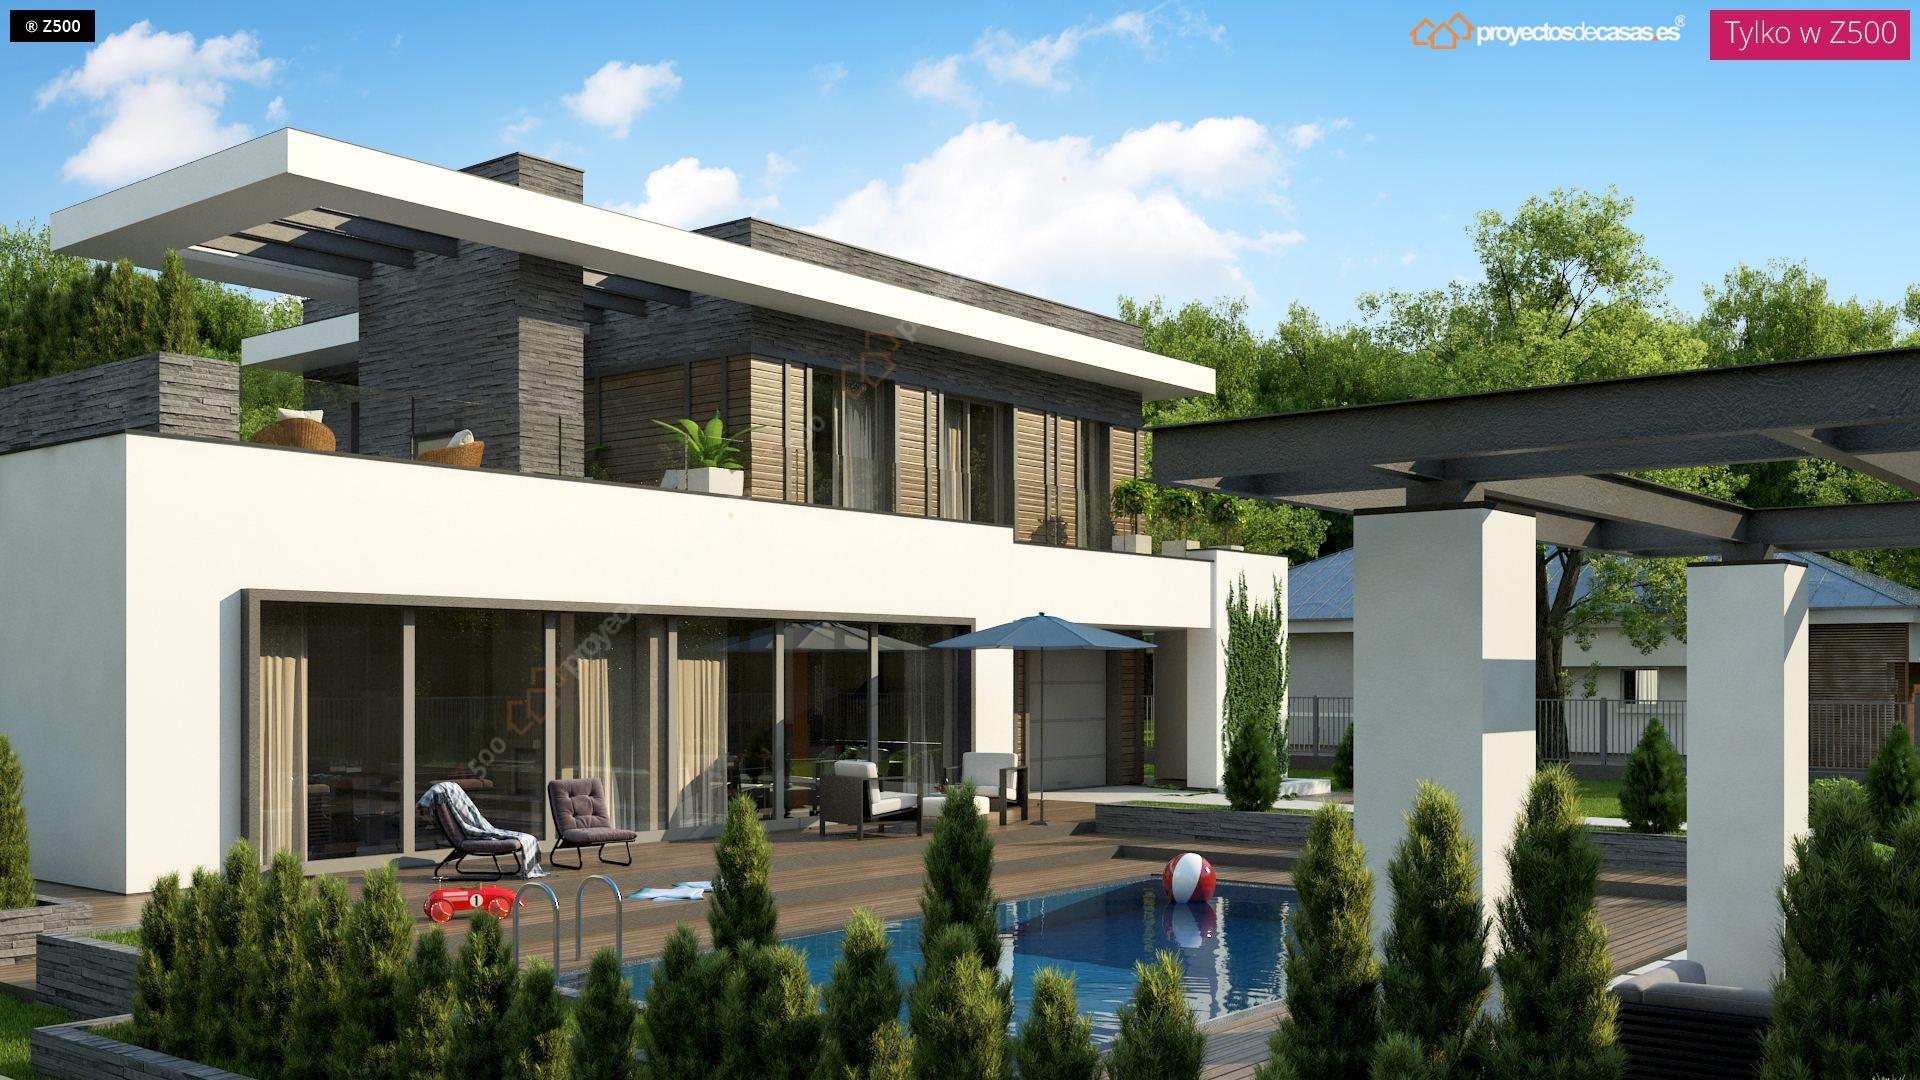 proyectos de casas casa moderna con piscina zaragoza On casa moderna zaragoza